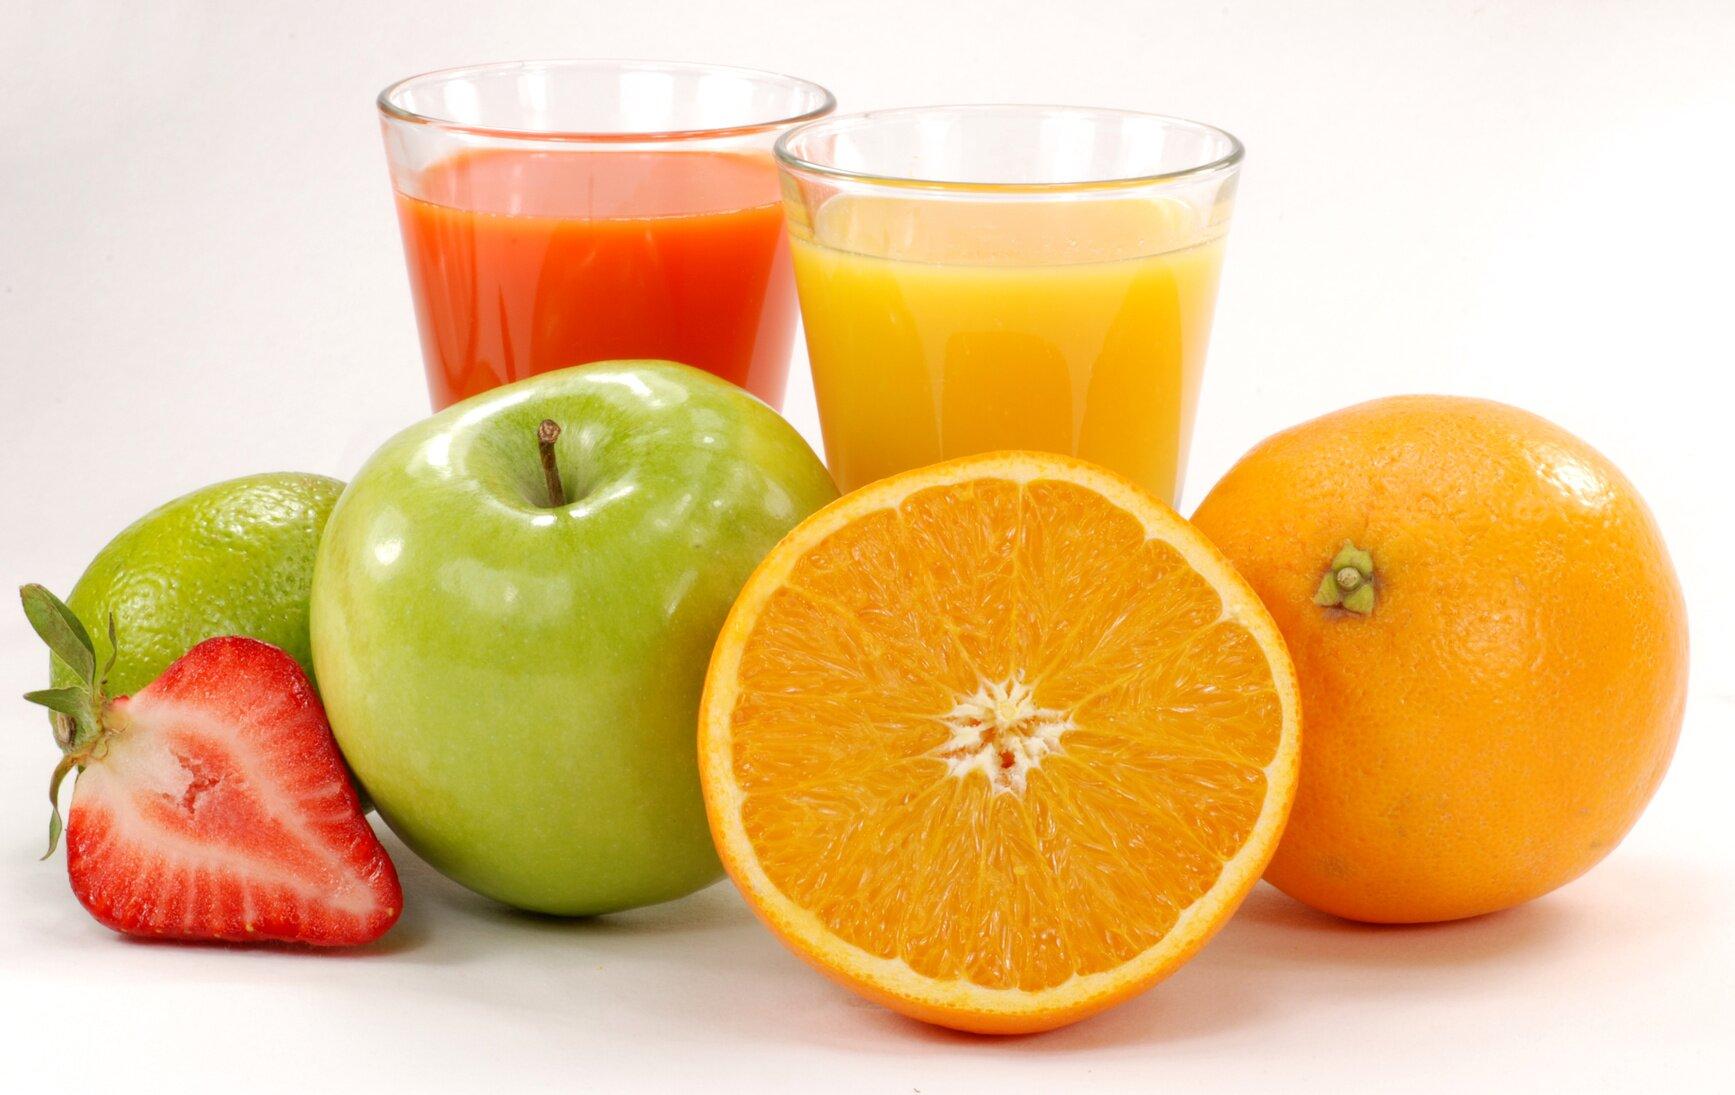 Sửa mũi kiêng ăn gì - Nên bổ sung nước trái cây